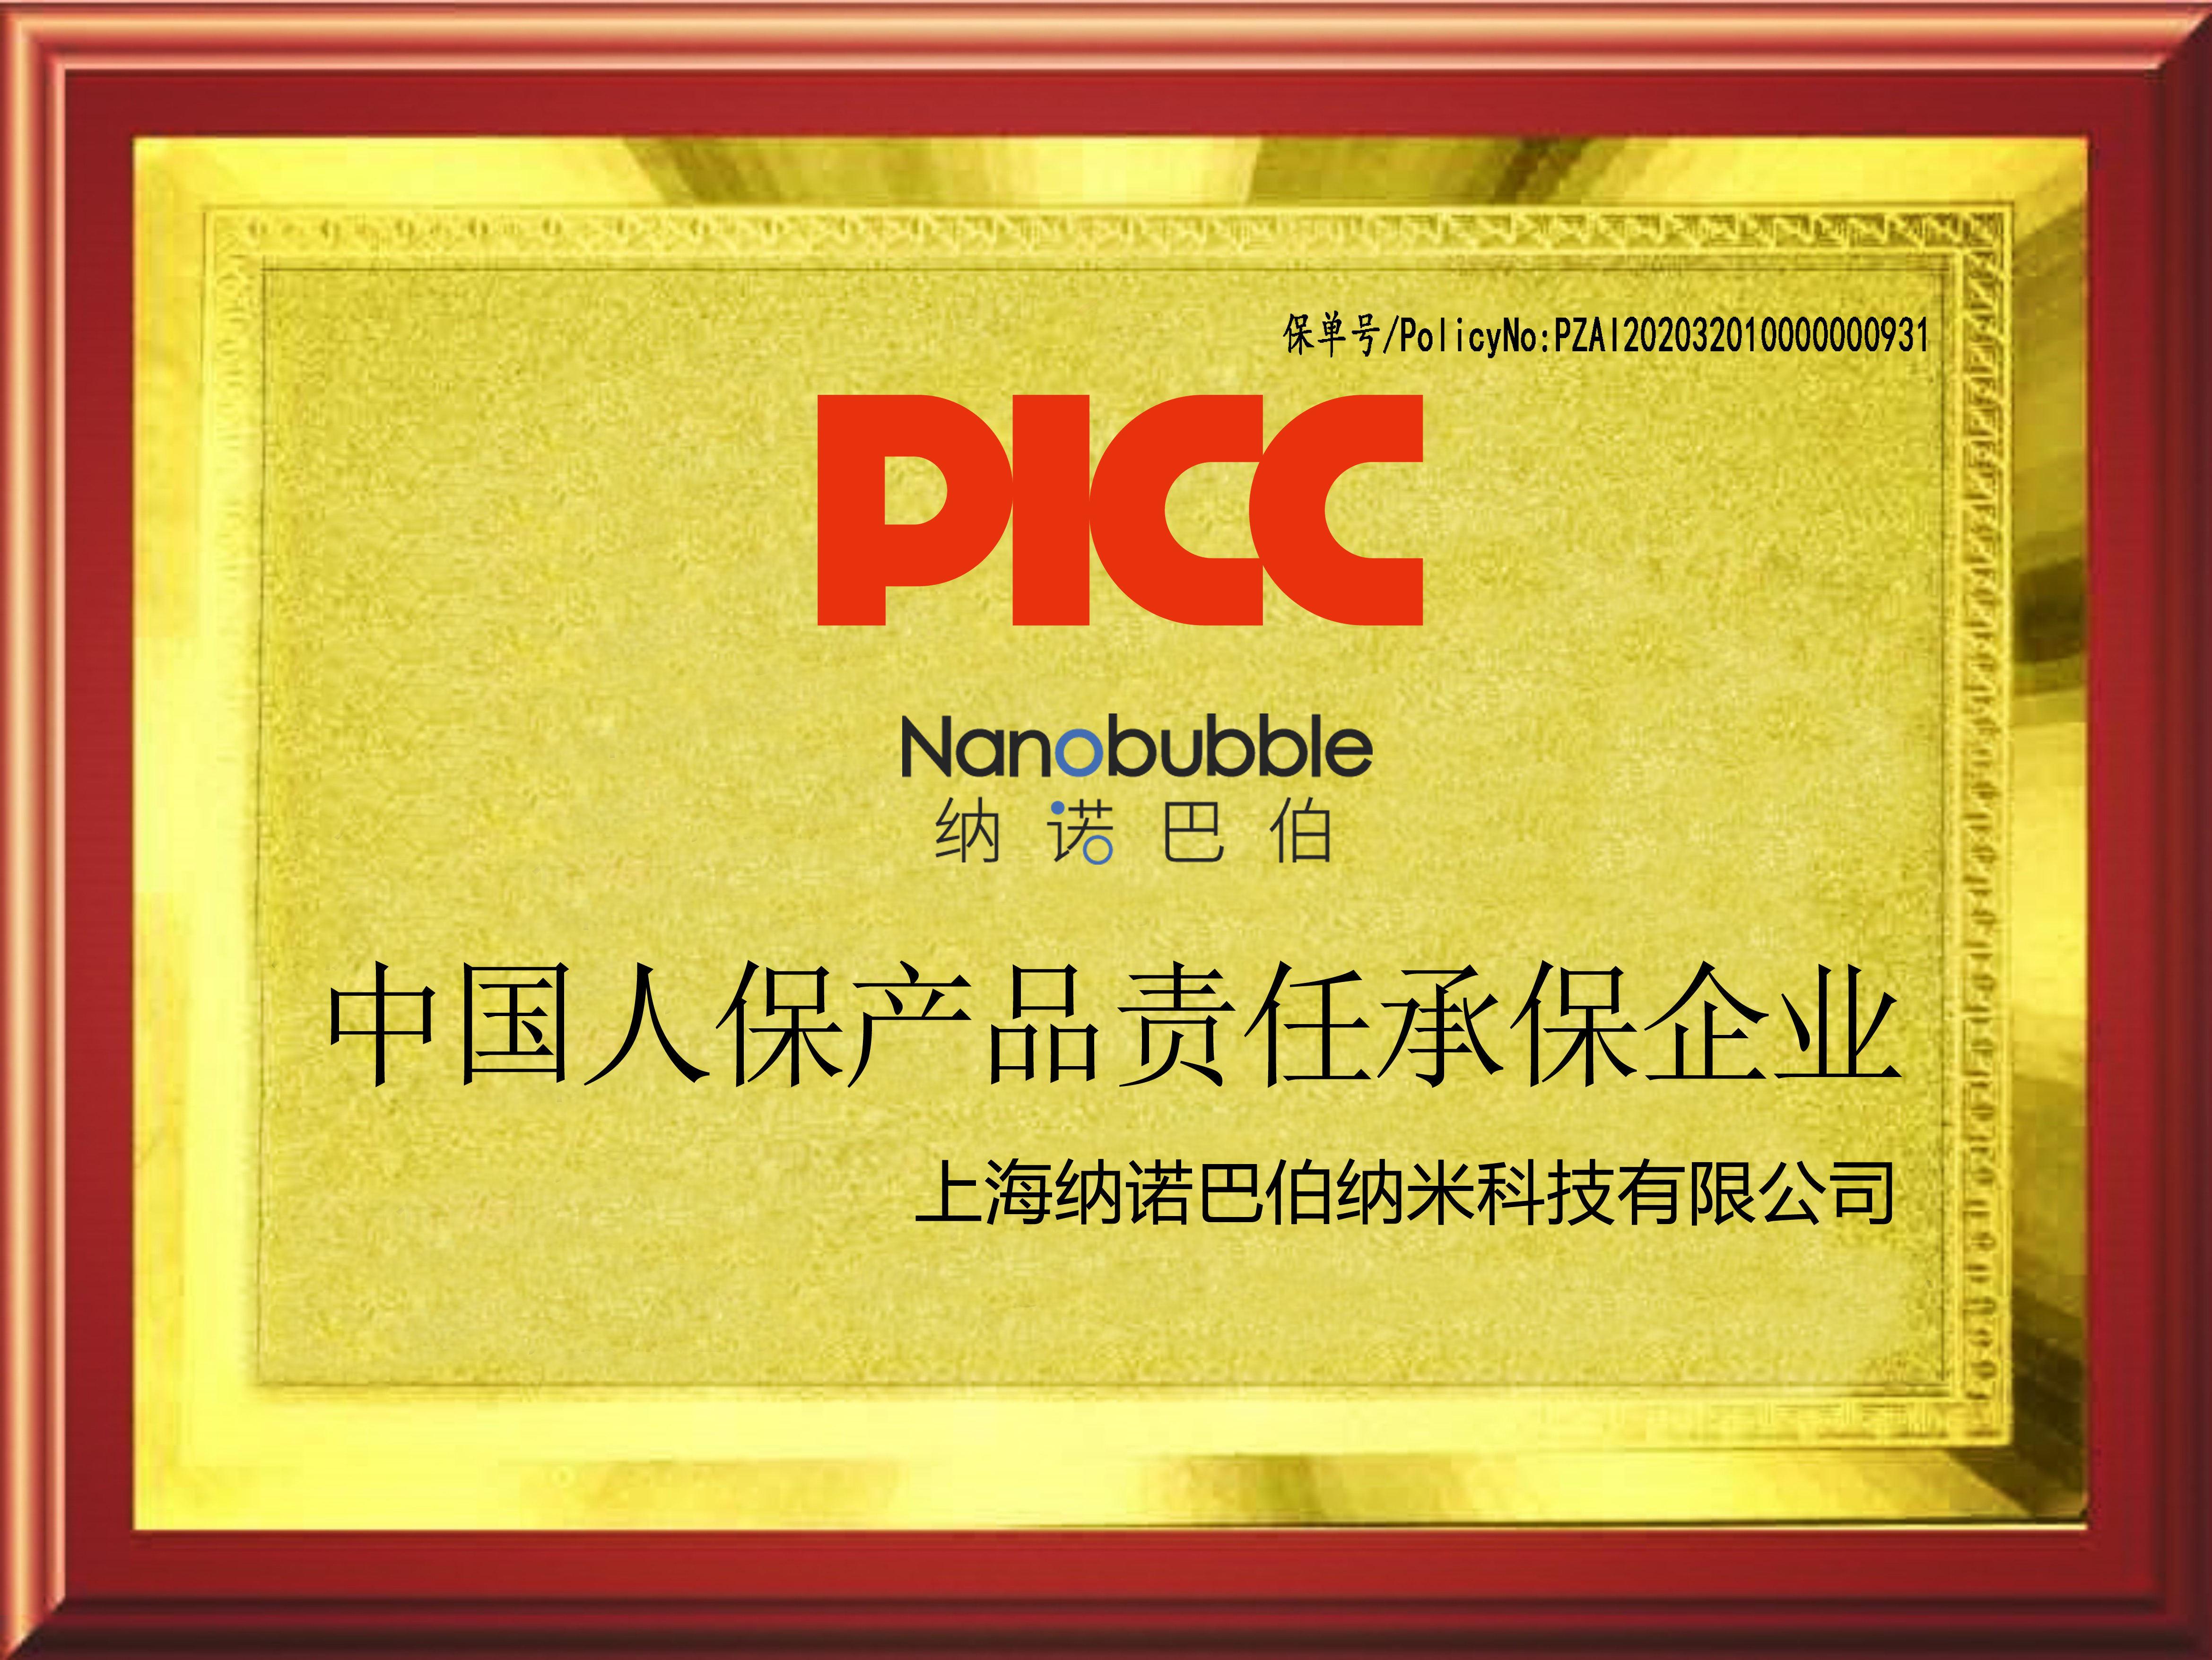 【喜訊】納諾巴伯與中國人保強強聯合,為全系列氫健康產品保駕護航!